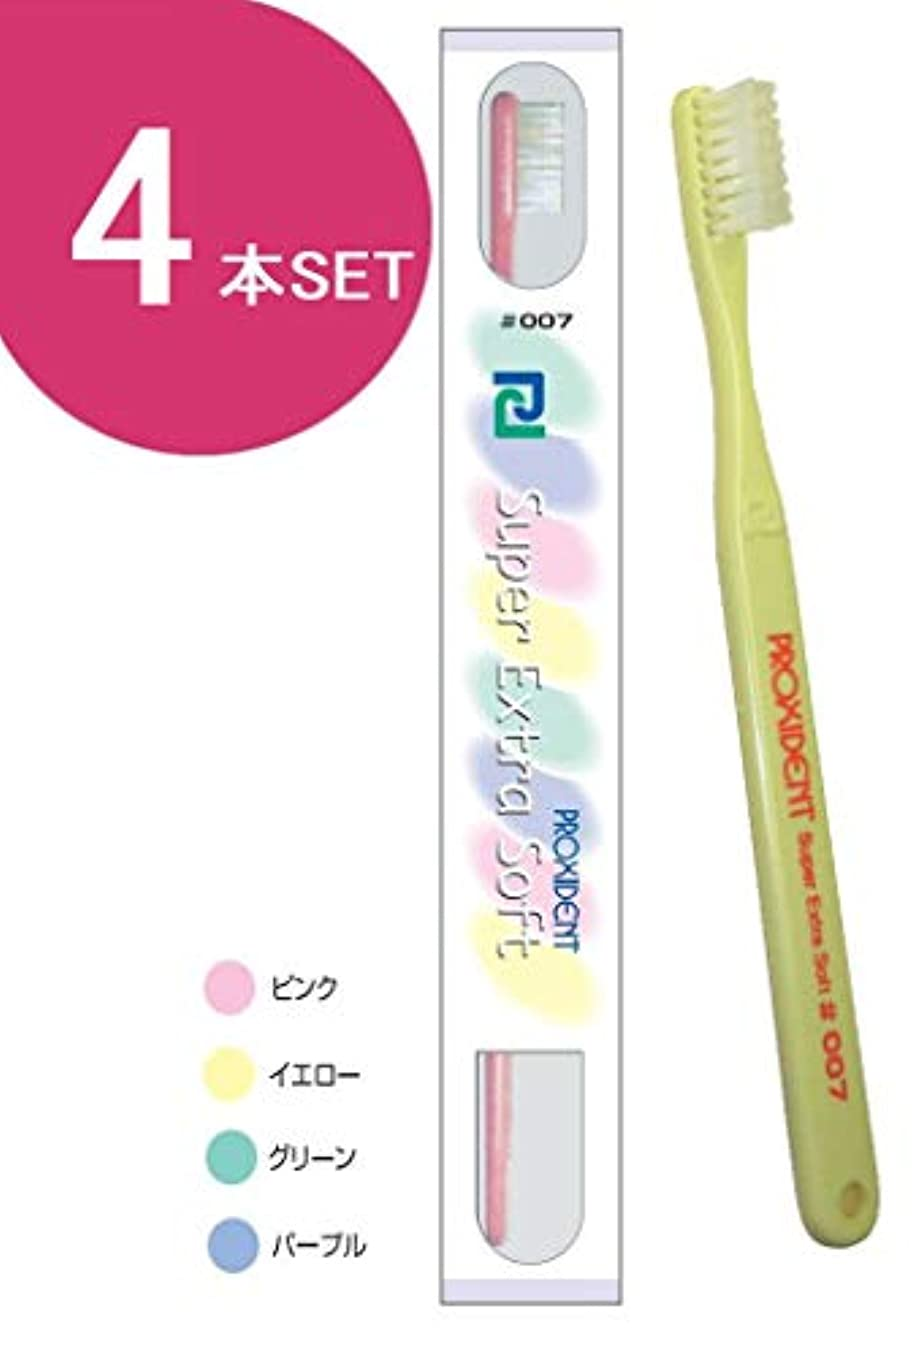 きらめき騙す概してプローデント プロキシデント スリムトヘッド スーパーエクストラ ソフト歯ブラシ #007 (4本)